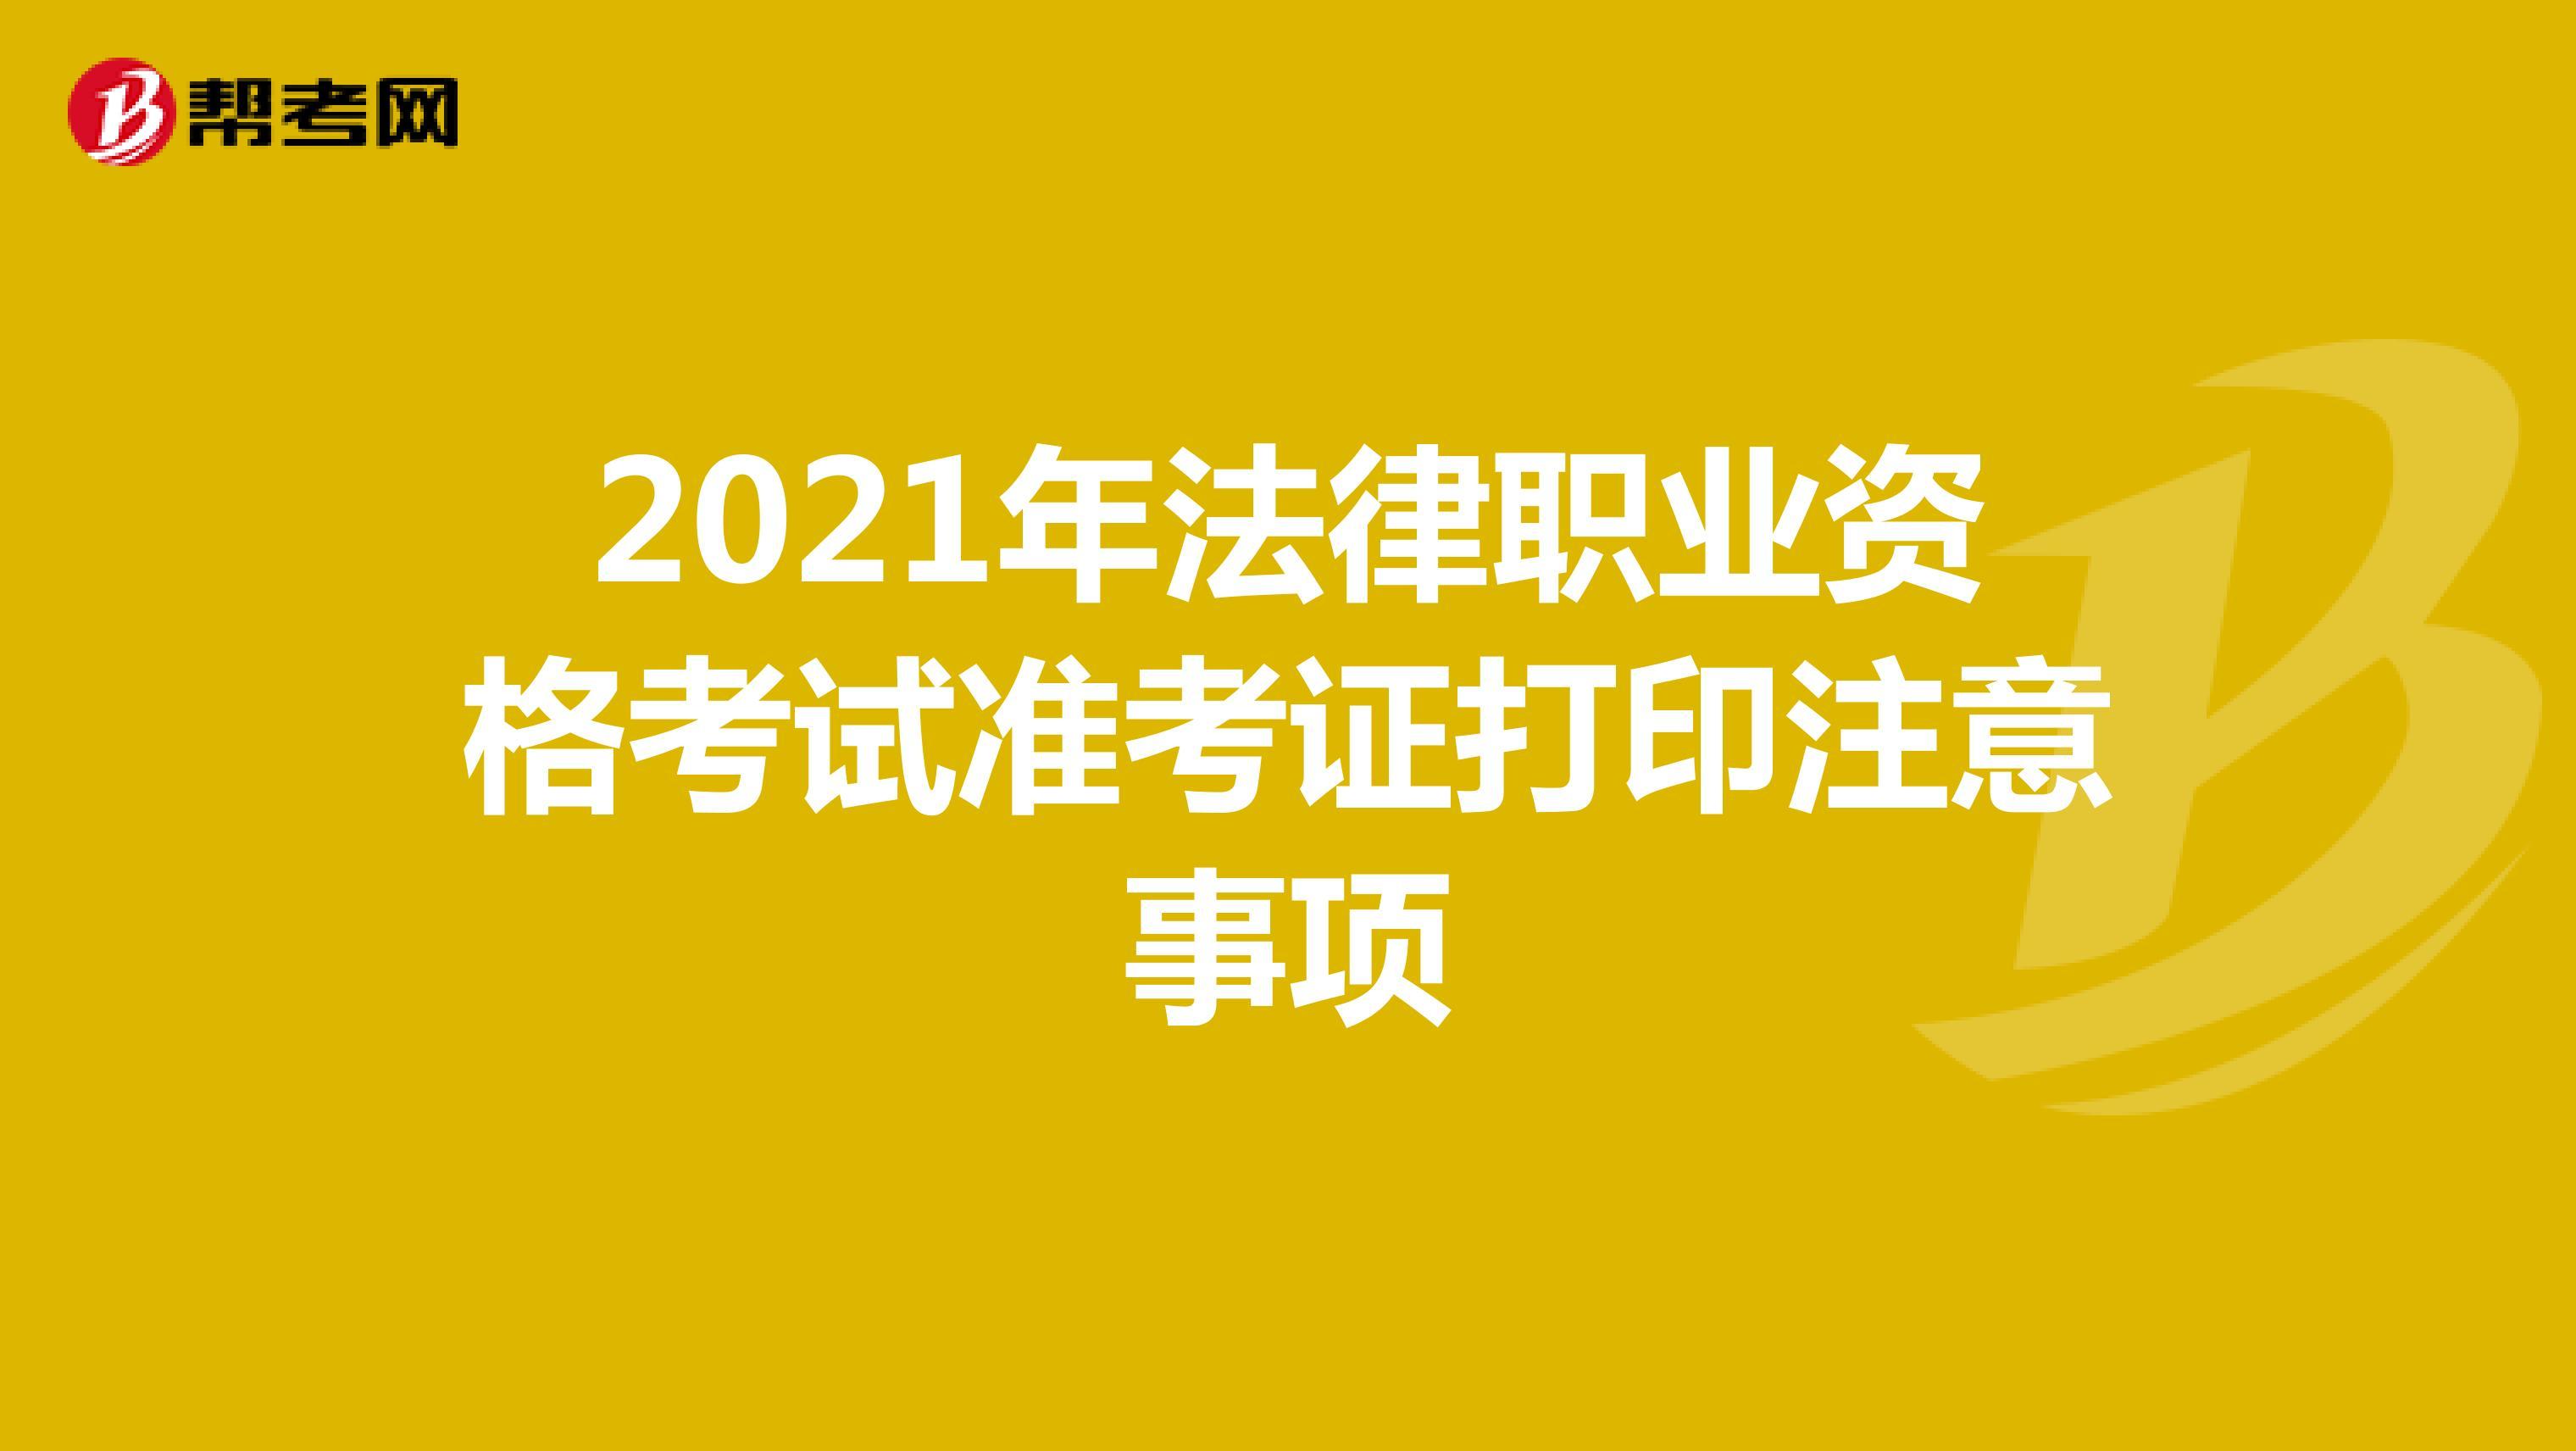 2021年法律职业资格考试准考证打印注意事项